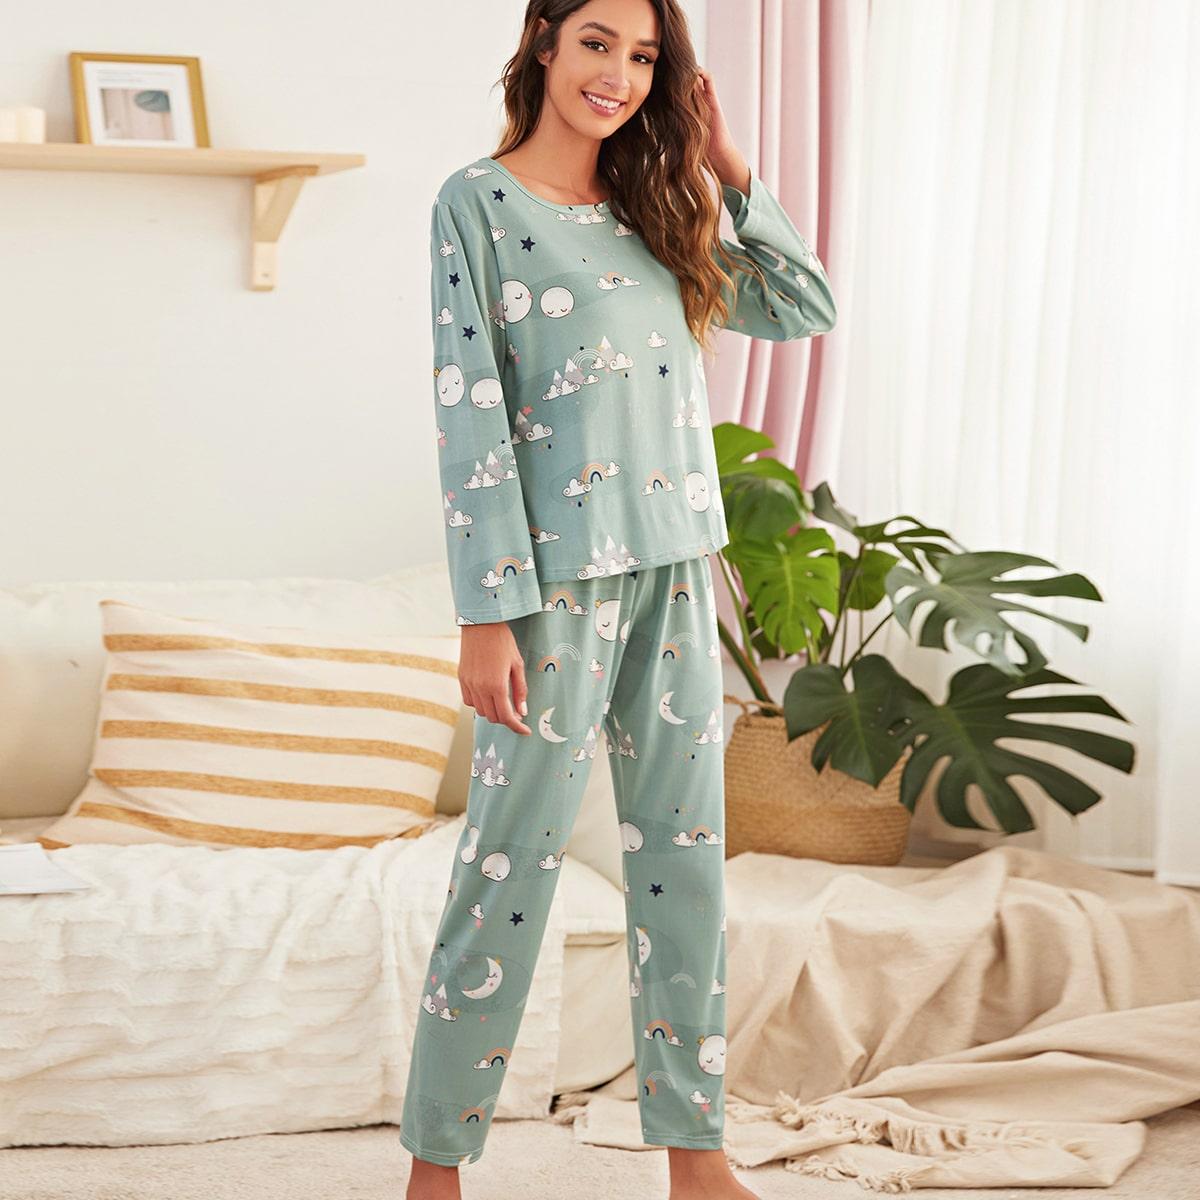 Пижама с мультяшным принтом по цене 650